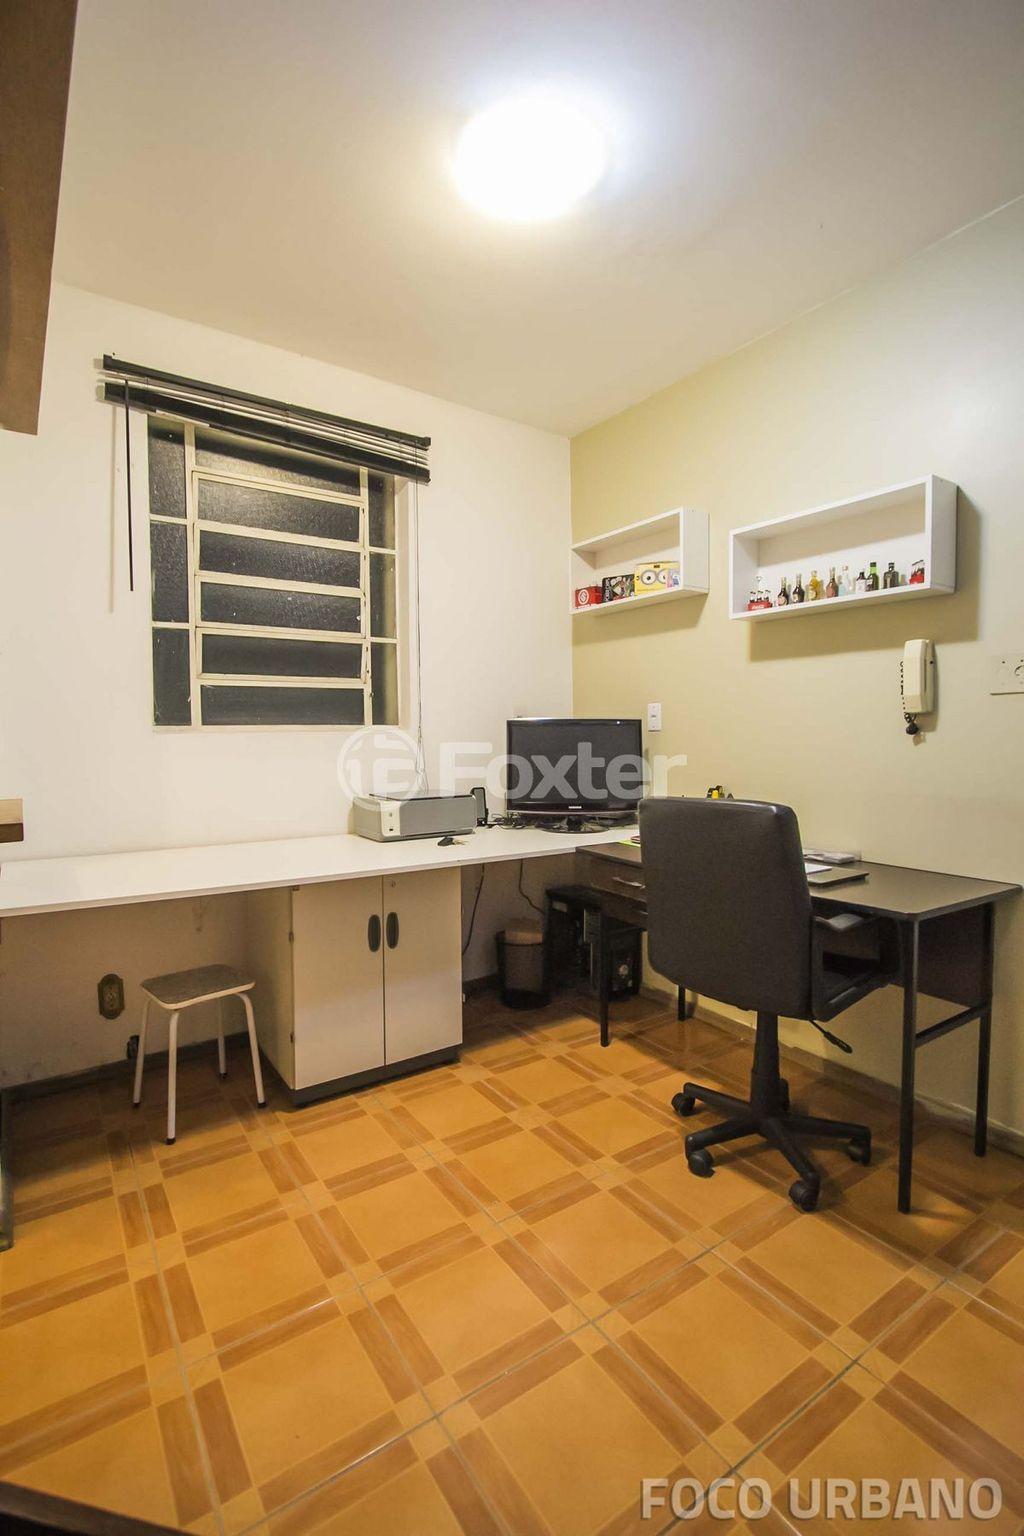 Cobertura 2 Dorm, Medianeira, Porto Alegre (140501) - Foto 5